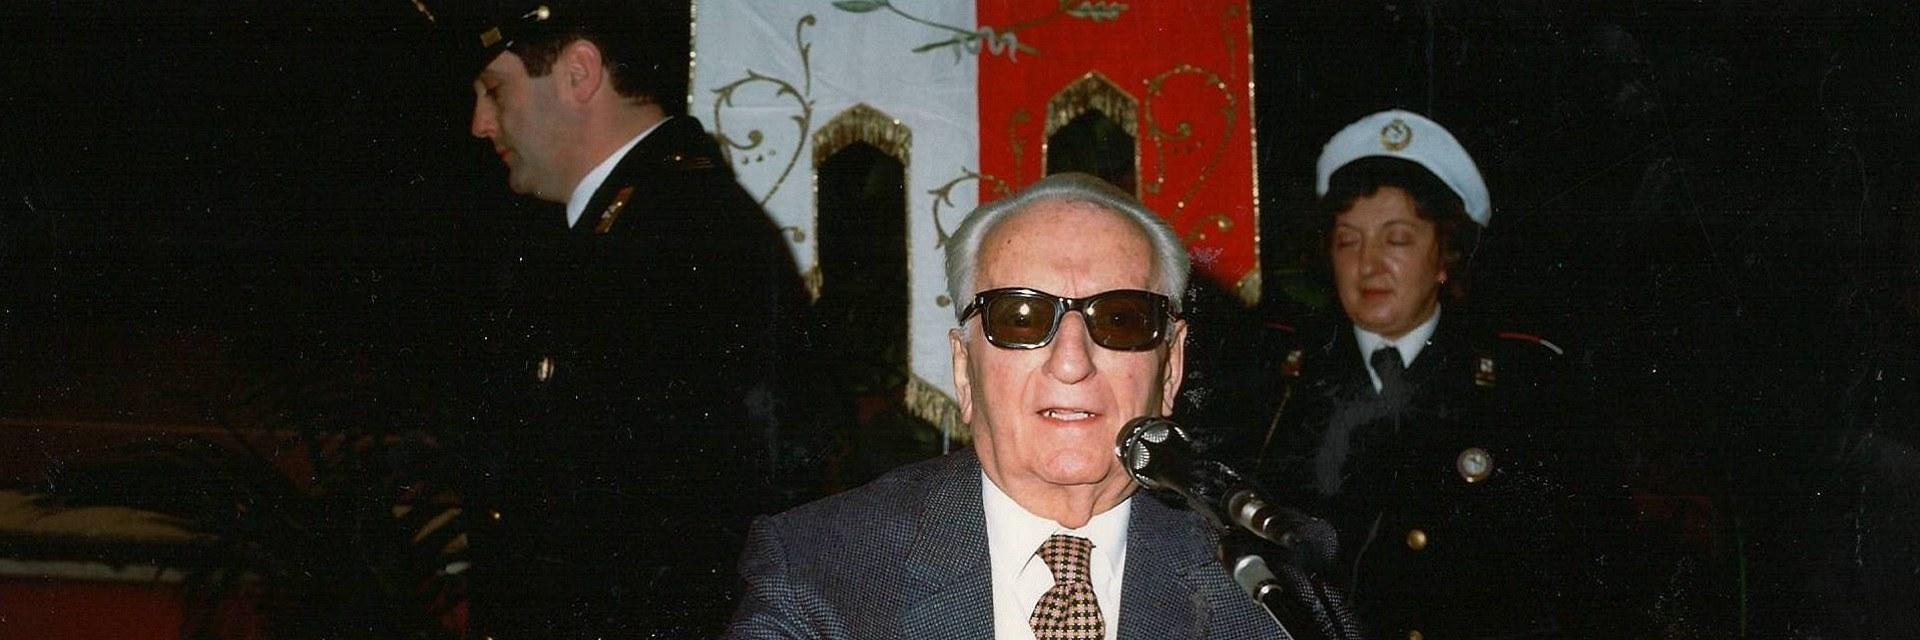 Enzo Ferrari, cittadino di Fiorano